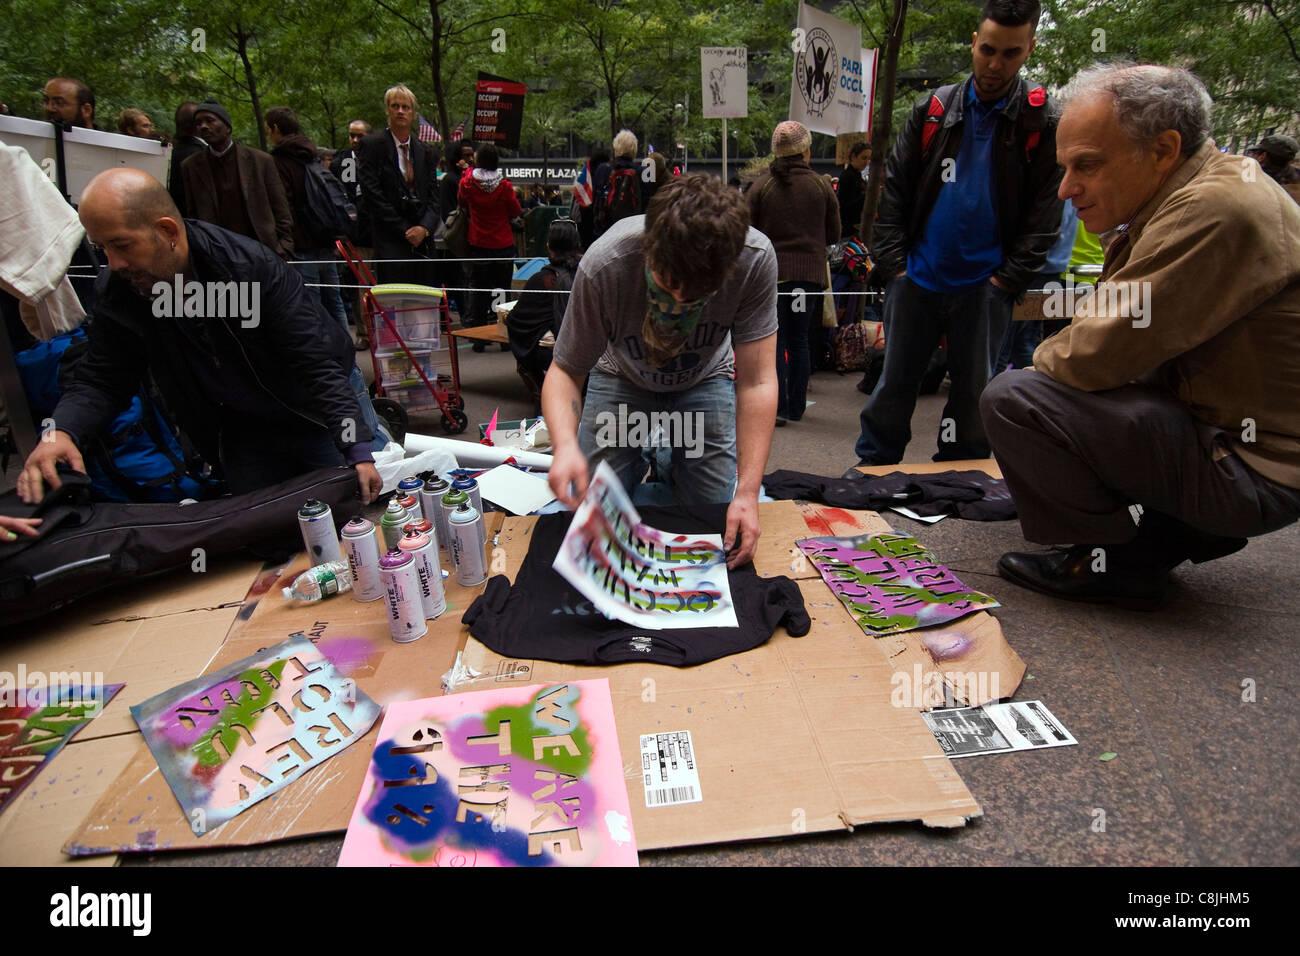 Ocupar Wall Street manifestante pistoleado de 'OCCUPY WALL STREET' en una camiseta negra dentro del parque Imagen De Stock